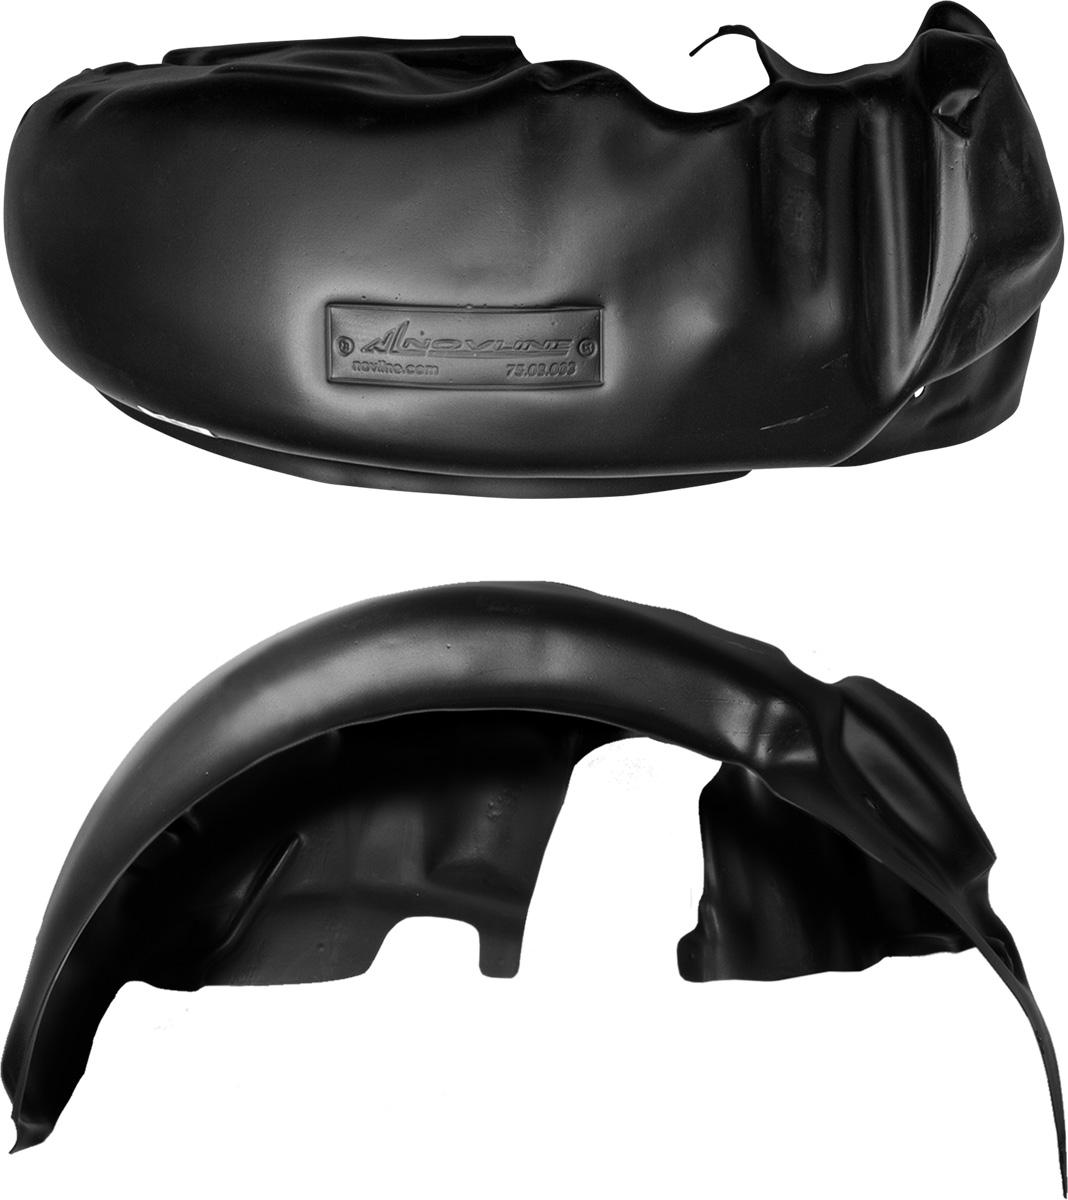 Подкрылок NISSAN Terrano 4x2, 2014->, задний правыйK100Колесные ниши – одни из самых уязвимых зон днища вашего автомобиля. Они постоянно подвергаются воздействию со стороны дороги. Лучшая, почти абсолютная защита для них - специально отформованные пластиковые кожухи, которые называются подкрылками, или локерами. Производятся они как для отечественных моделей автомобилей, так и для иномарок. Подкрылки выполнены из высококачественного, экологически чистого пластика. Обеспечивают надежную защиту кузова автомобиля от пескоструйного эффекта и негативного влияния, агрессивных антигололедных реагентов. Пластик обладает более низкой теплопроводностью, чем металл, поэтому в зимний период эксплуатации использование пластиковых подкрылков позволяет лучше защитить колесные ниши от налипания снега и образования наледи. Оригинальность конструкции подчеркивает элегантность автомобиля, бережно защищает нанесенное на днище кузова антикоррозийное покрытие и позволяет осуществить крепление подкрылков внутри колесной арки практически без дополнительного крепежа и сверления, не нарушая при этом лакокрасочного покрытия, что предотвращает возникновение новых очагов коррозии. Технология крепления подкрылков на иномарки принципиально отличается от крепления на российские автомобили и разрабатывается индивидуально для каждой модели автомобиля. Подкрылки долговечны, обладают высокой прочностью и сохраняют заданную форму, а также все свои физико-механические характеристики в самых тяжелых климатических условиях ( от -50° С до + 50° С).